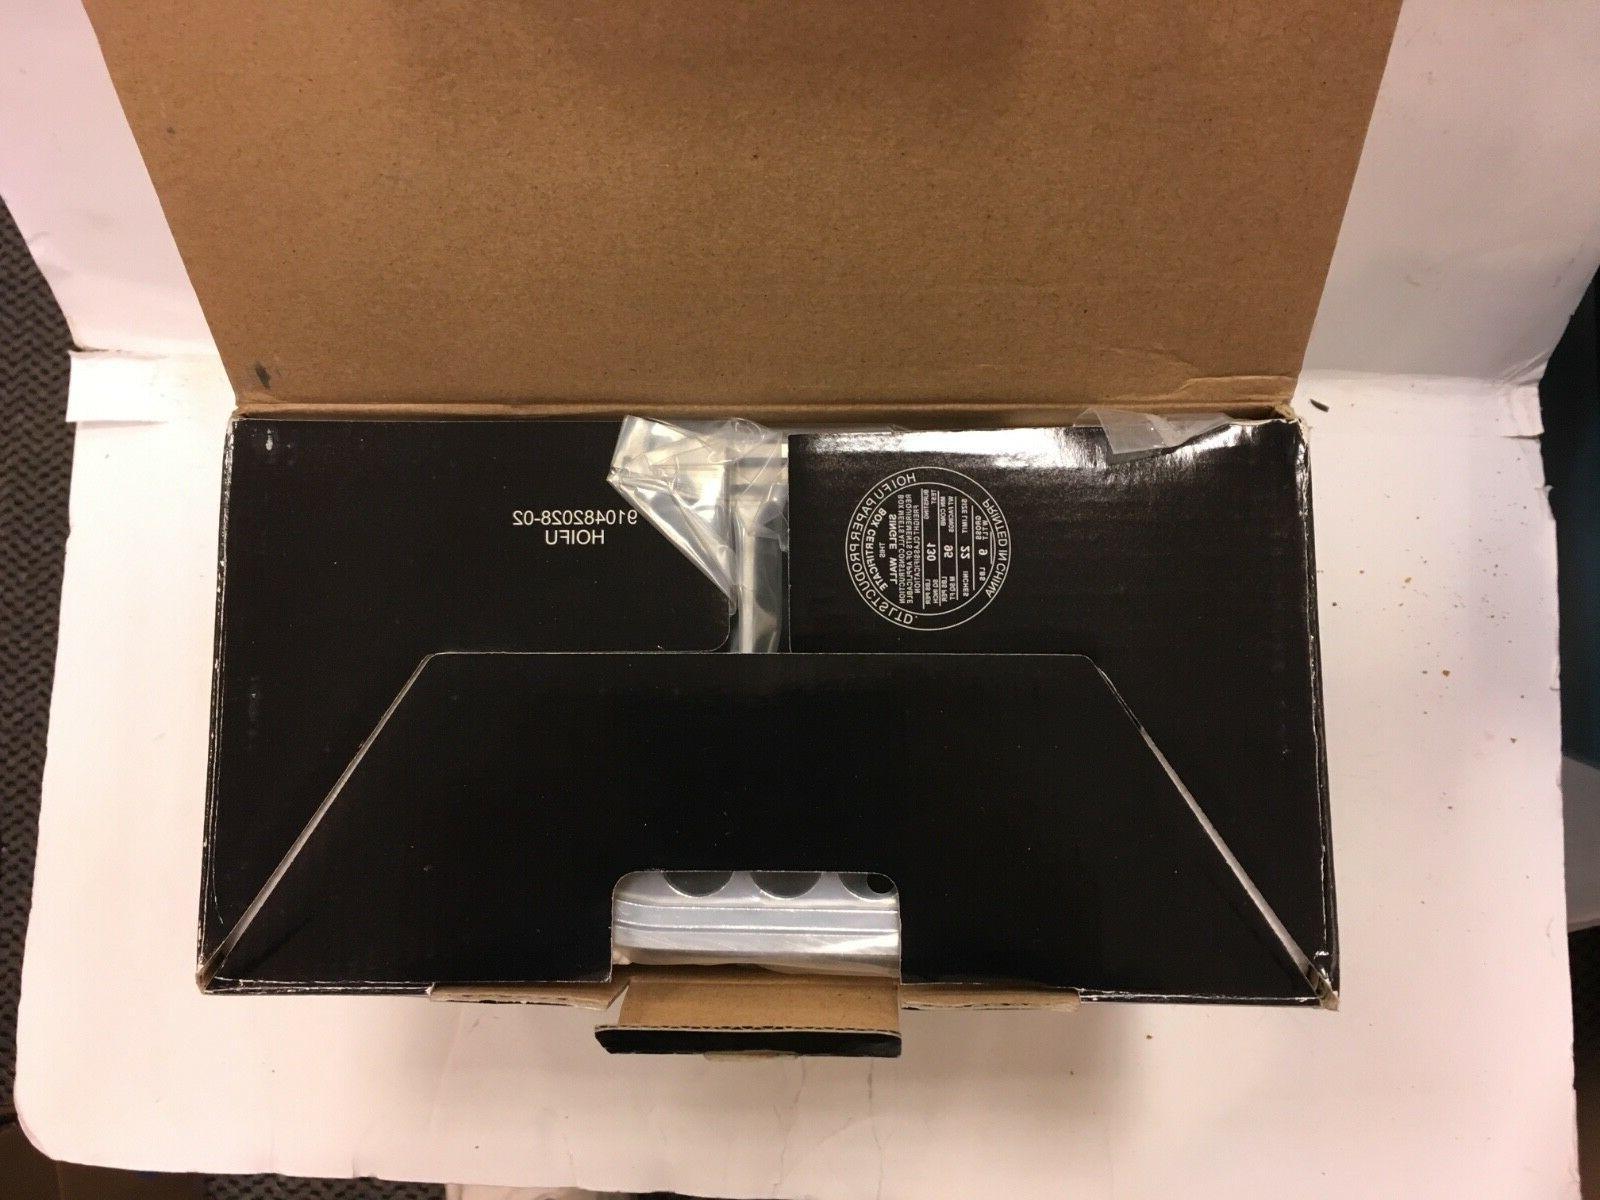 KITCHENAID® GRAIN MILL NEW IN BOX